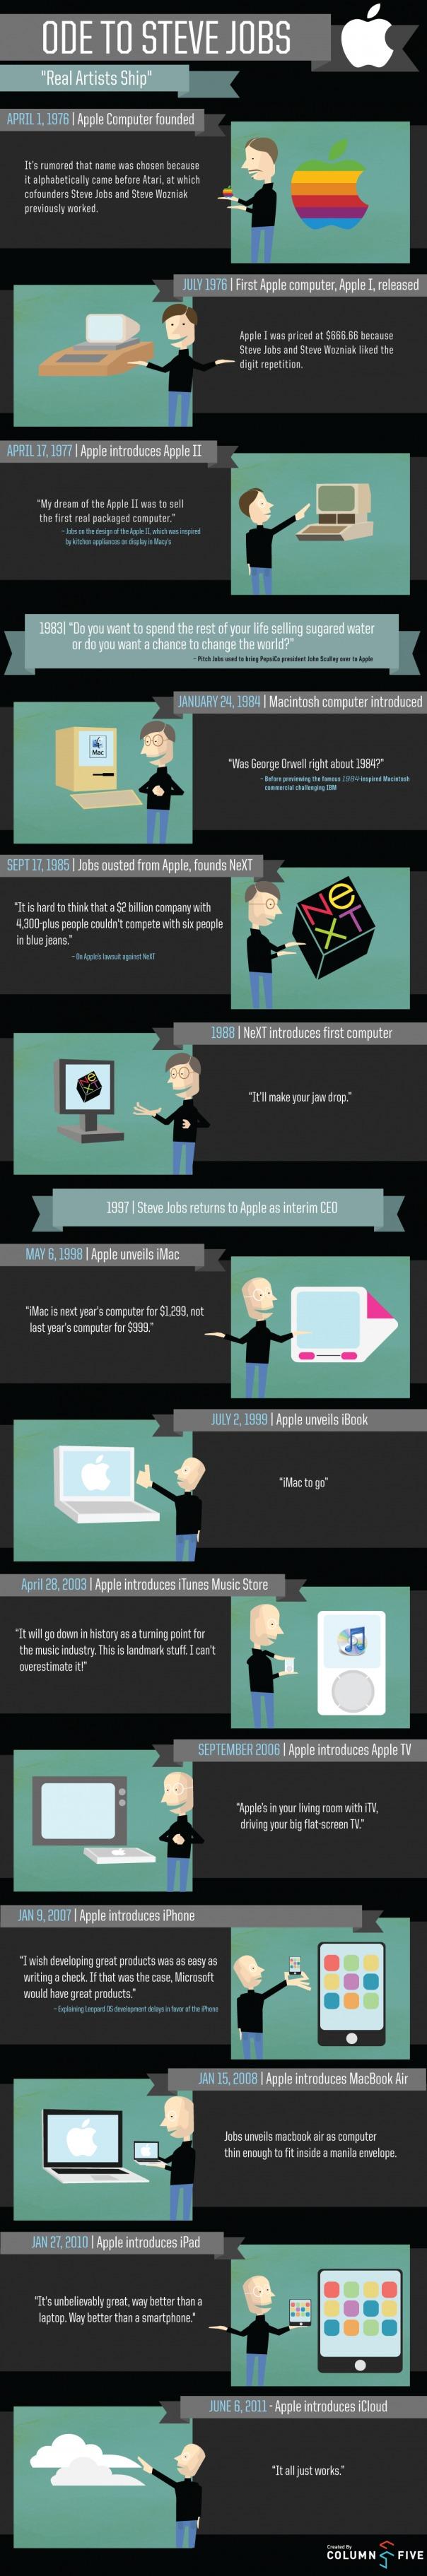 La carrière de Steve Jobs en 1 image